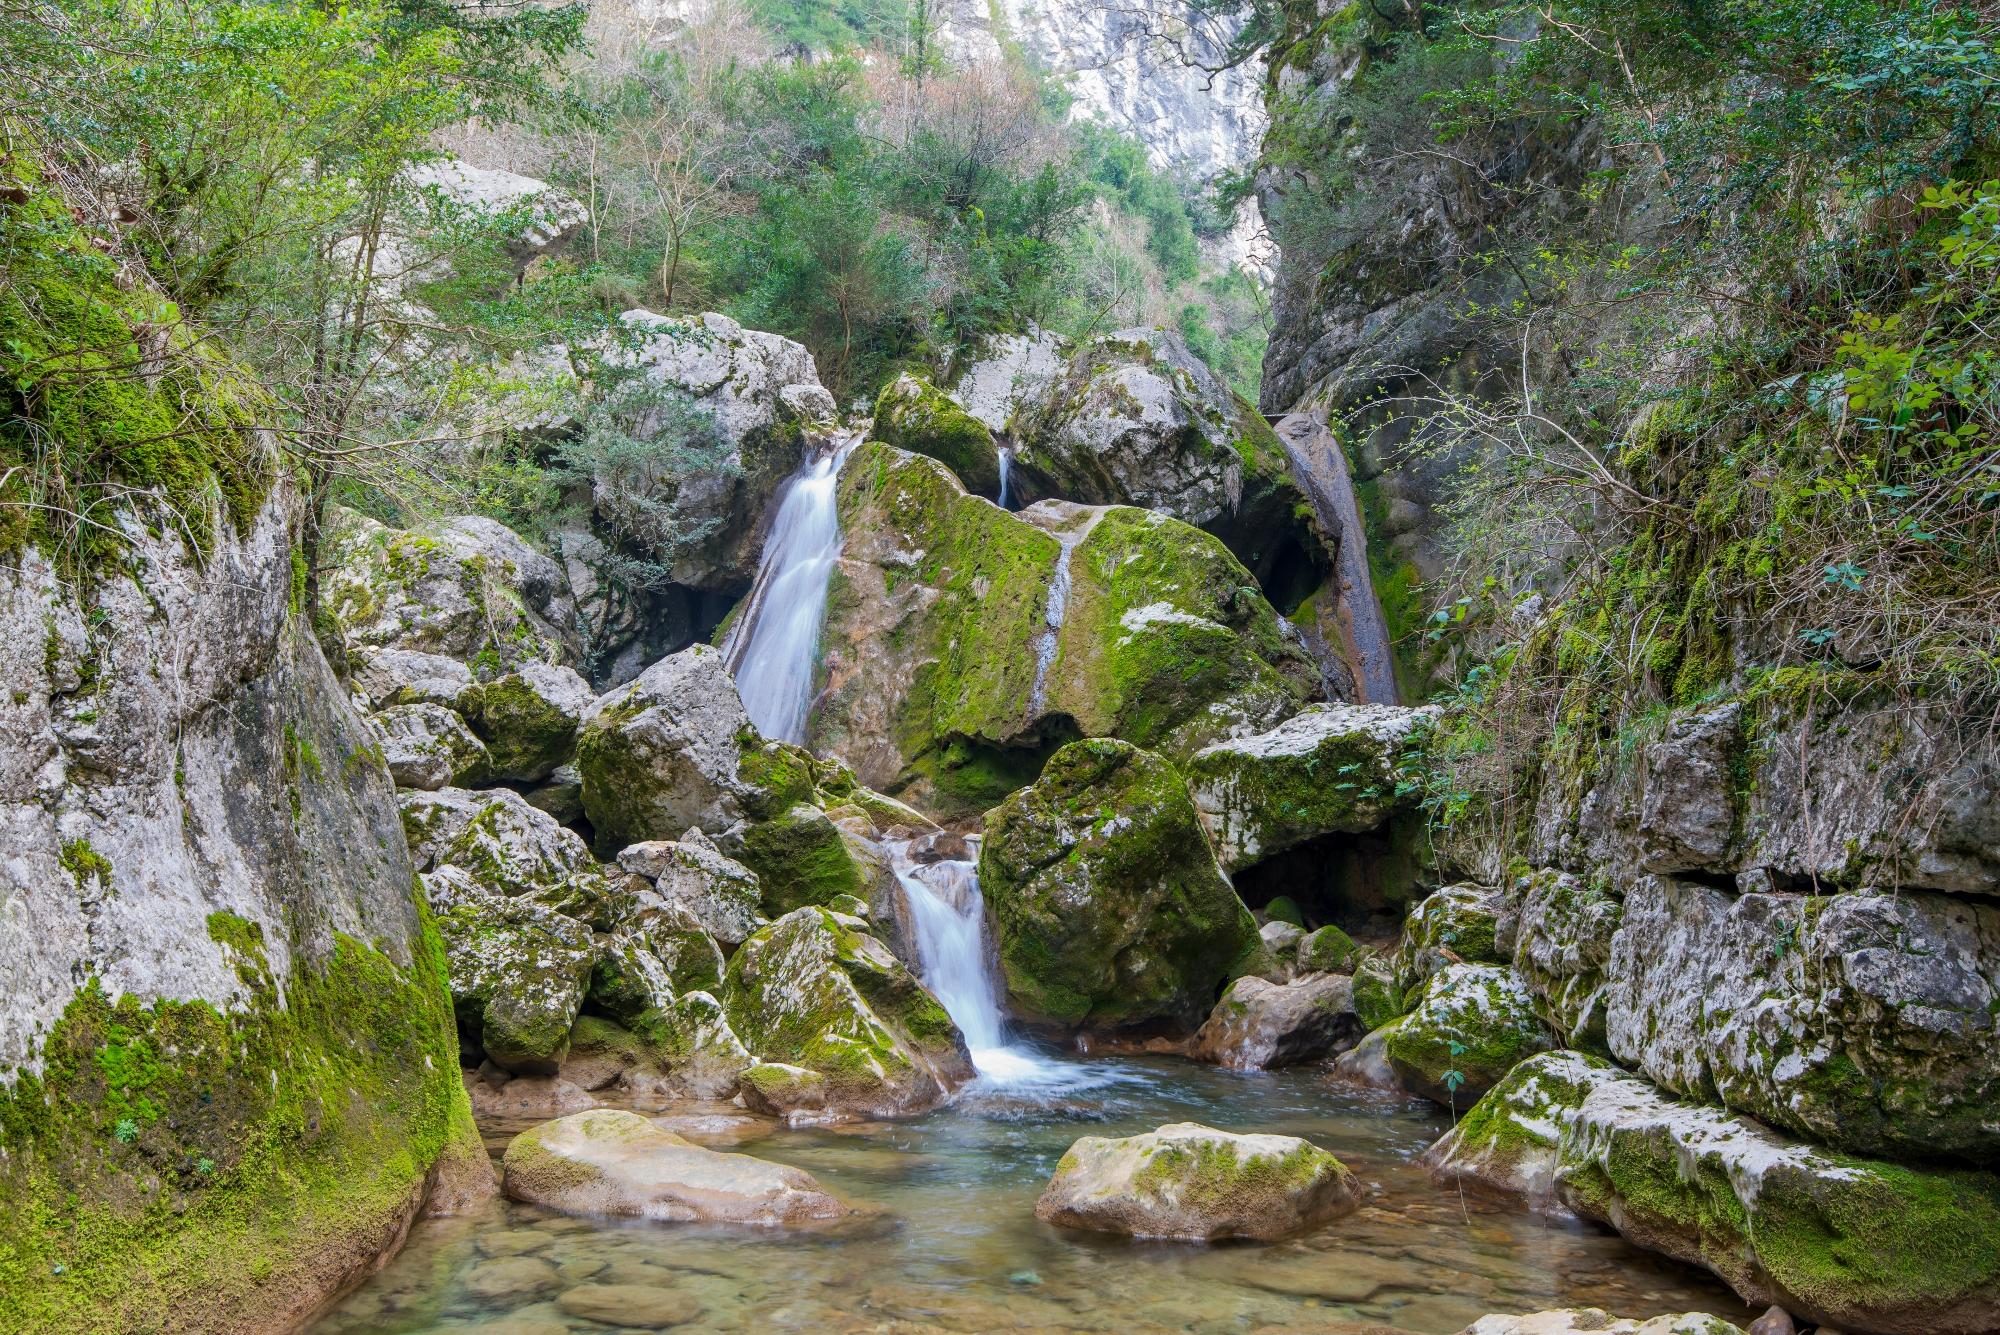 Les gorges du Nan dans le Vercors, l'un des sites naturels sensibles de l'Isère © F.Pattou